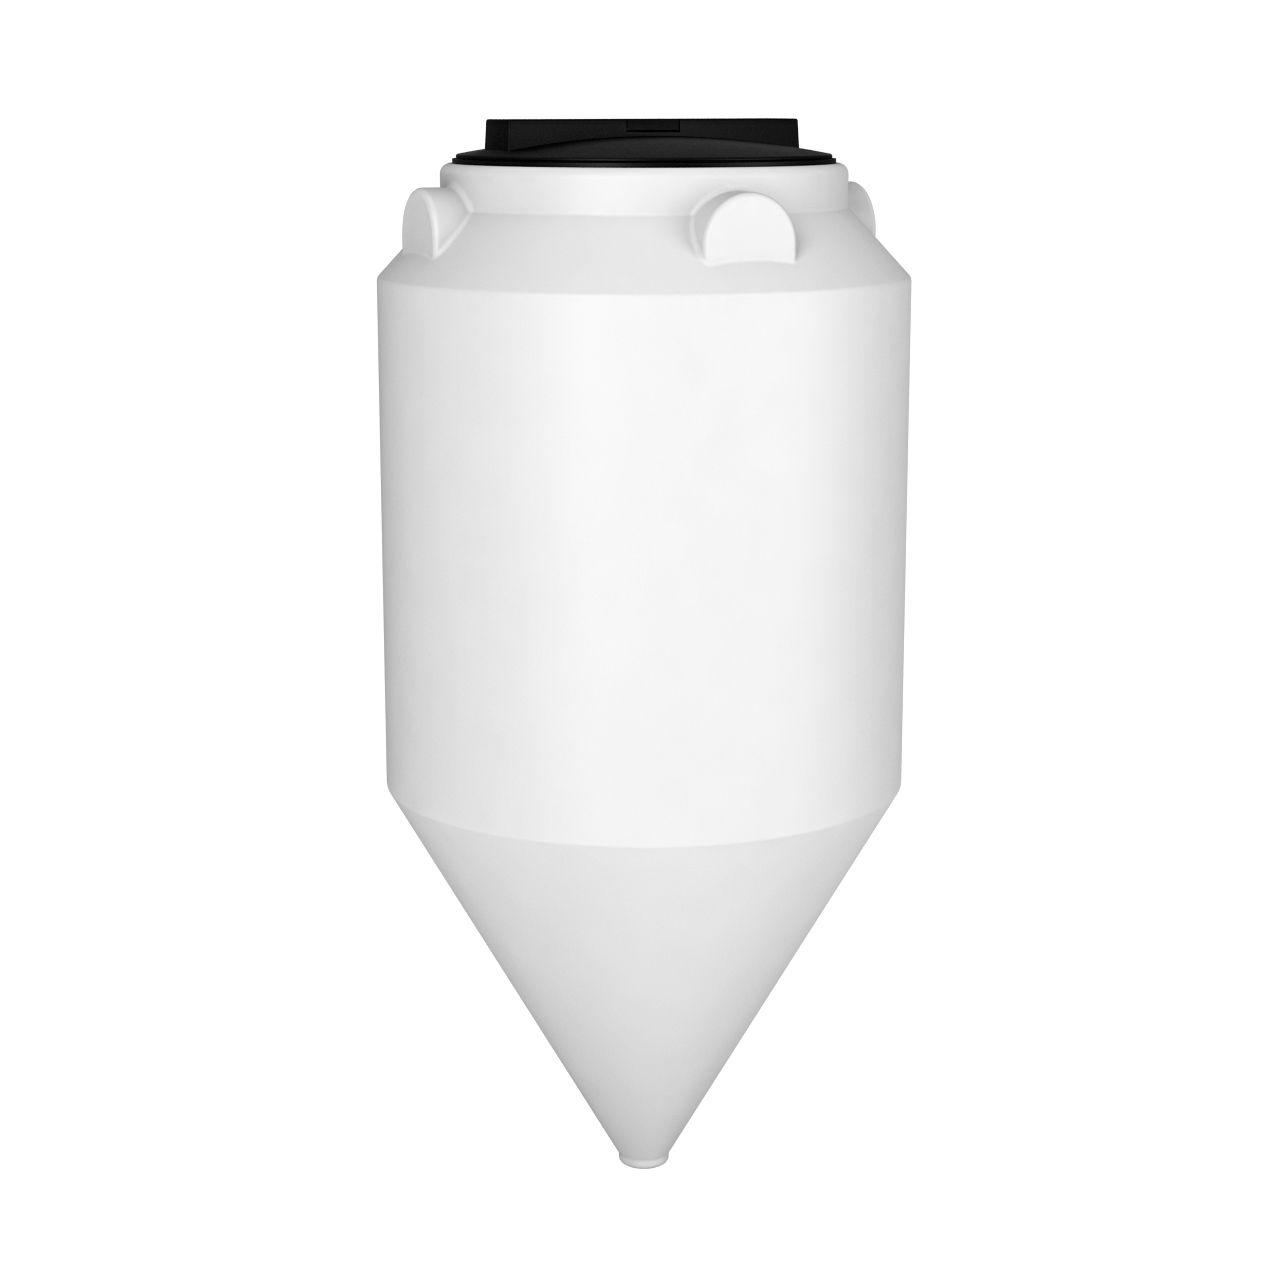 Емкость конусная ФМ 120 литров пластиковая